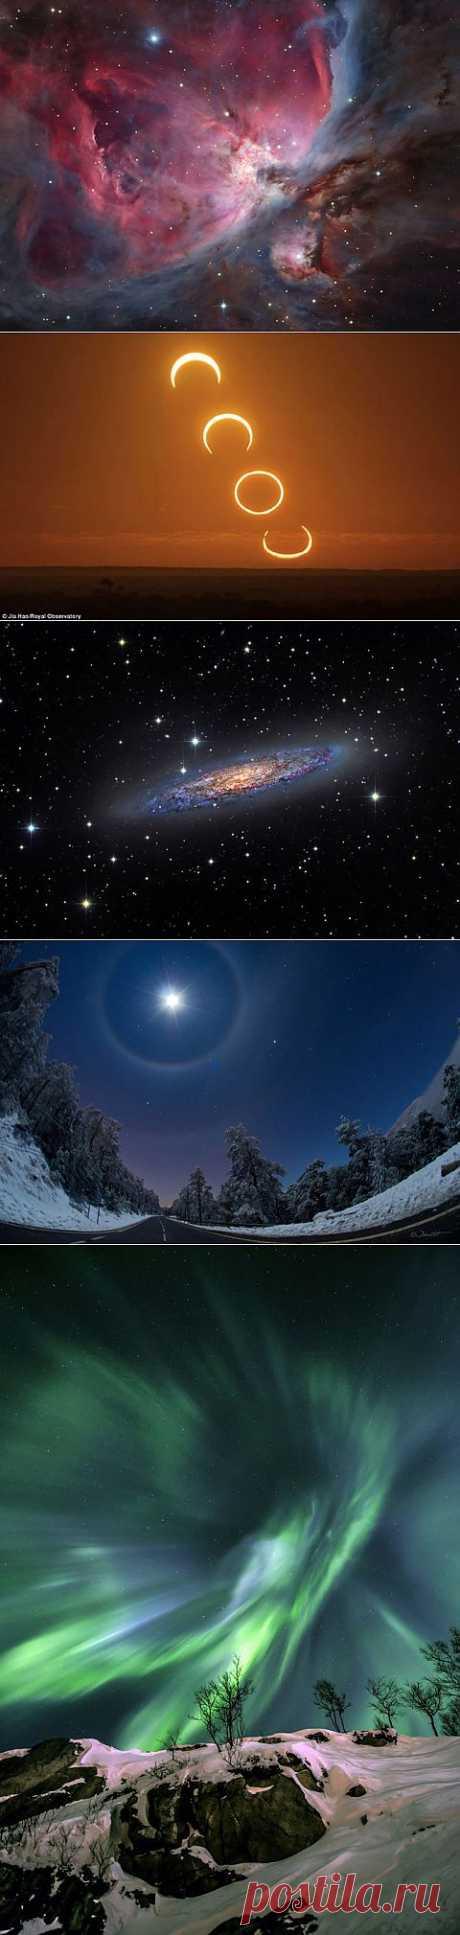 (+1) тема - Лучшие фотографии в области астрономии 2013 | Непутевые заметки